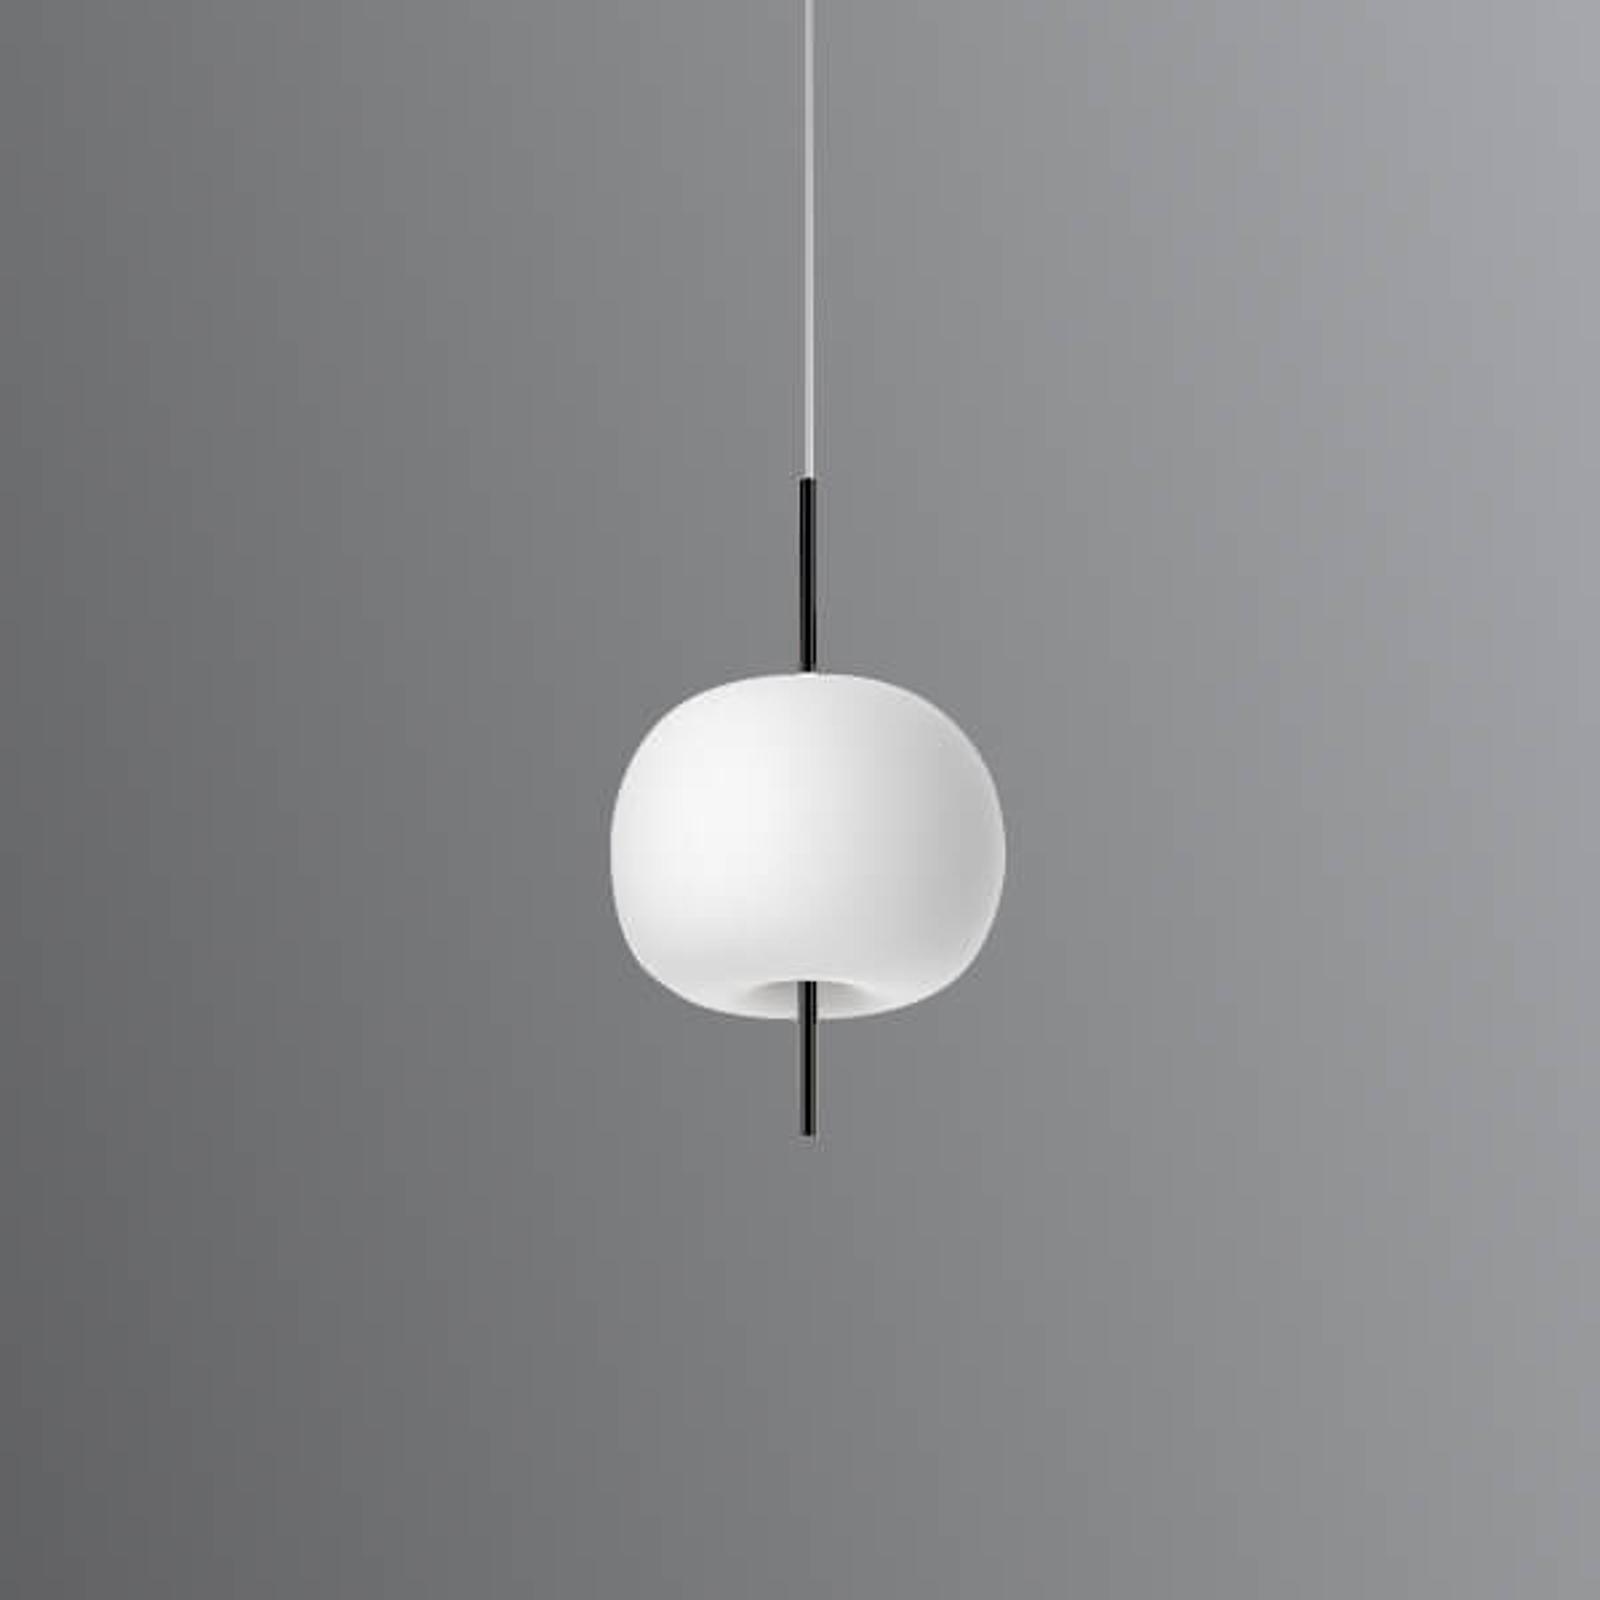 Kundalini Kushi - LED-hengelampe svart 16 cm